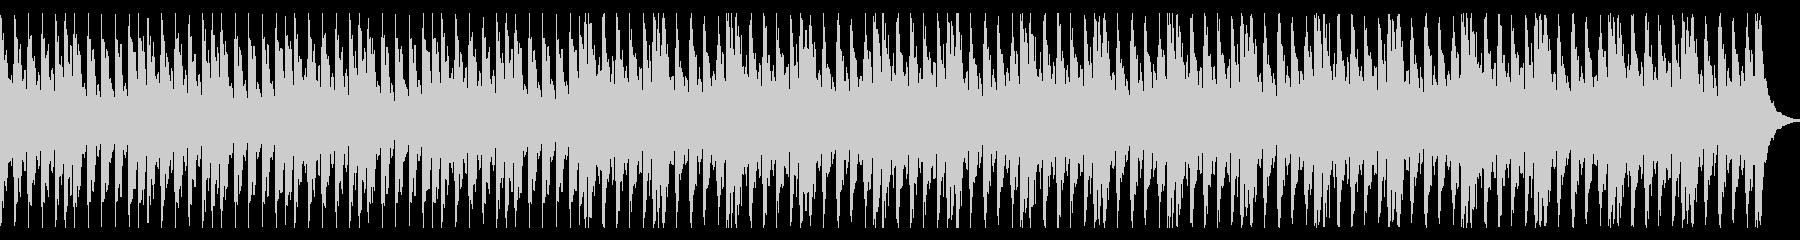 ピアノとストリングスの緊迫感あるBGMの未再生の波形